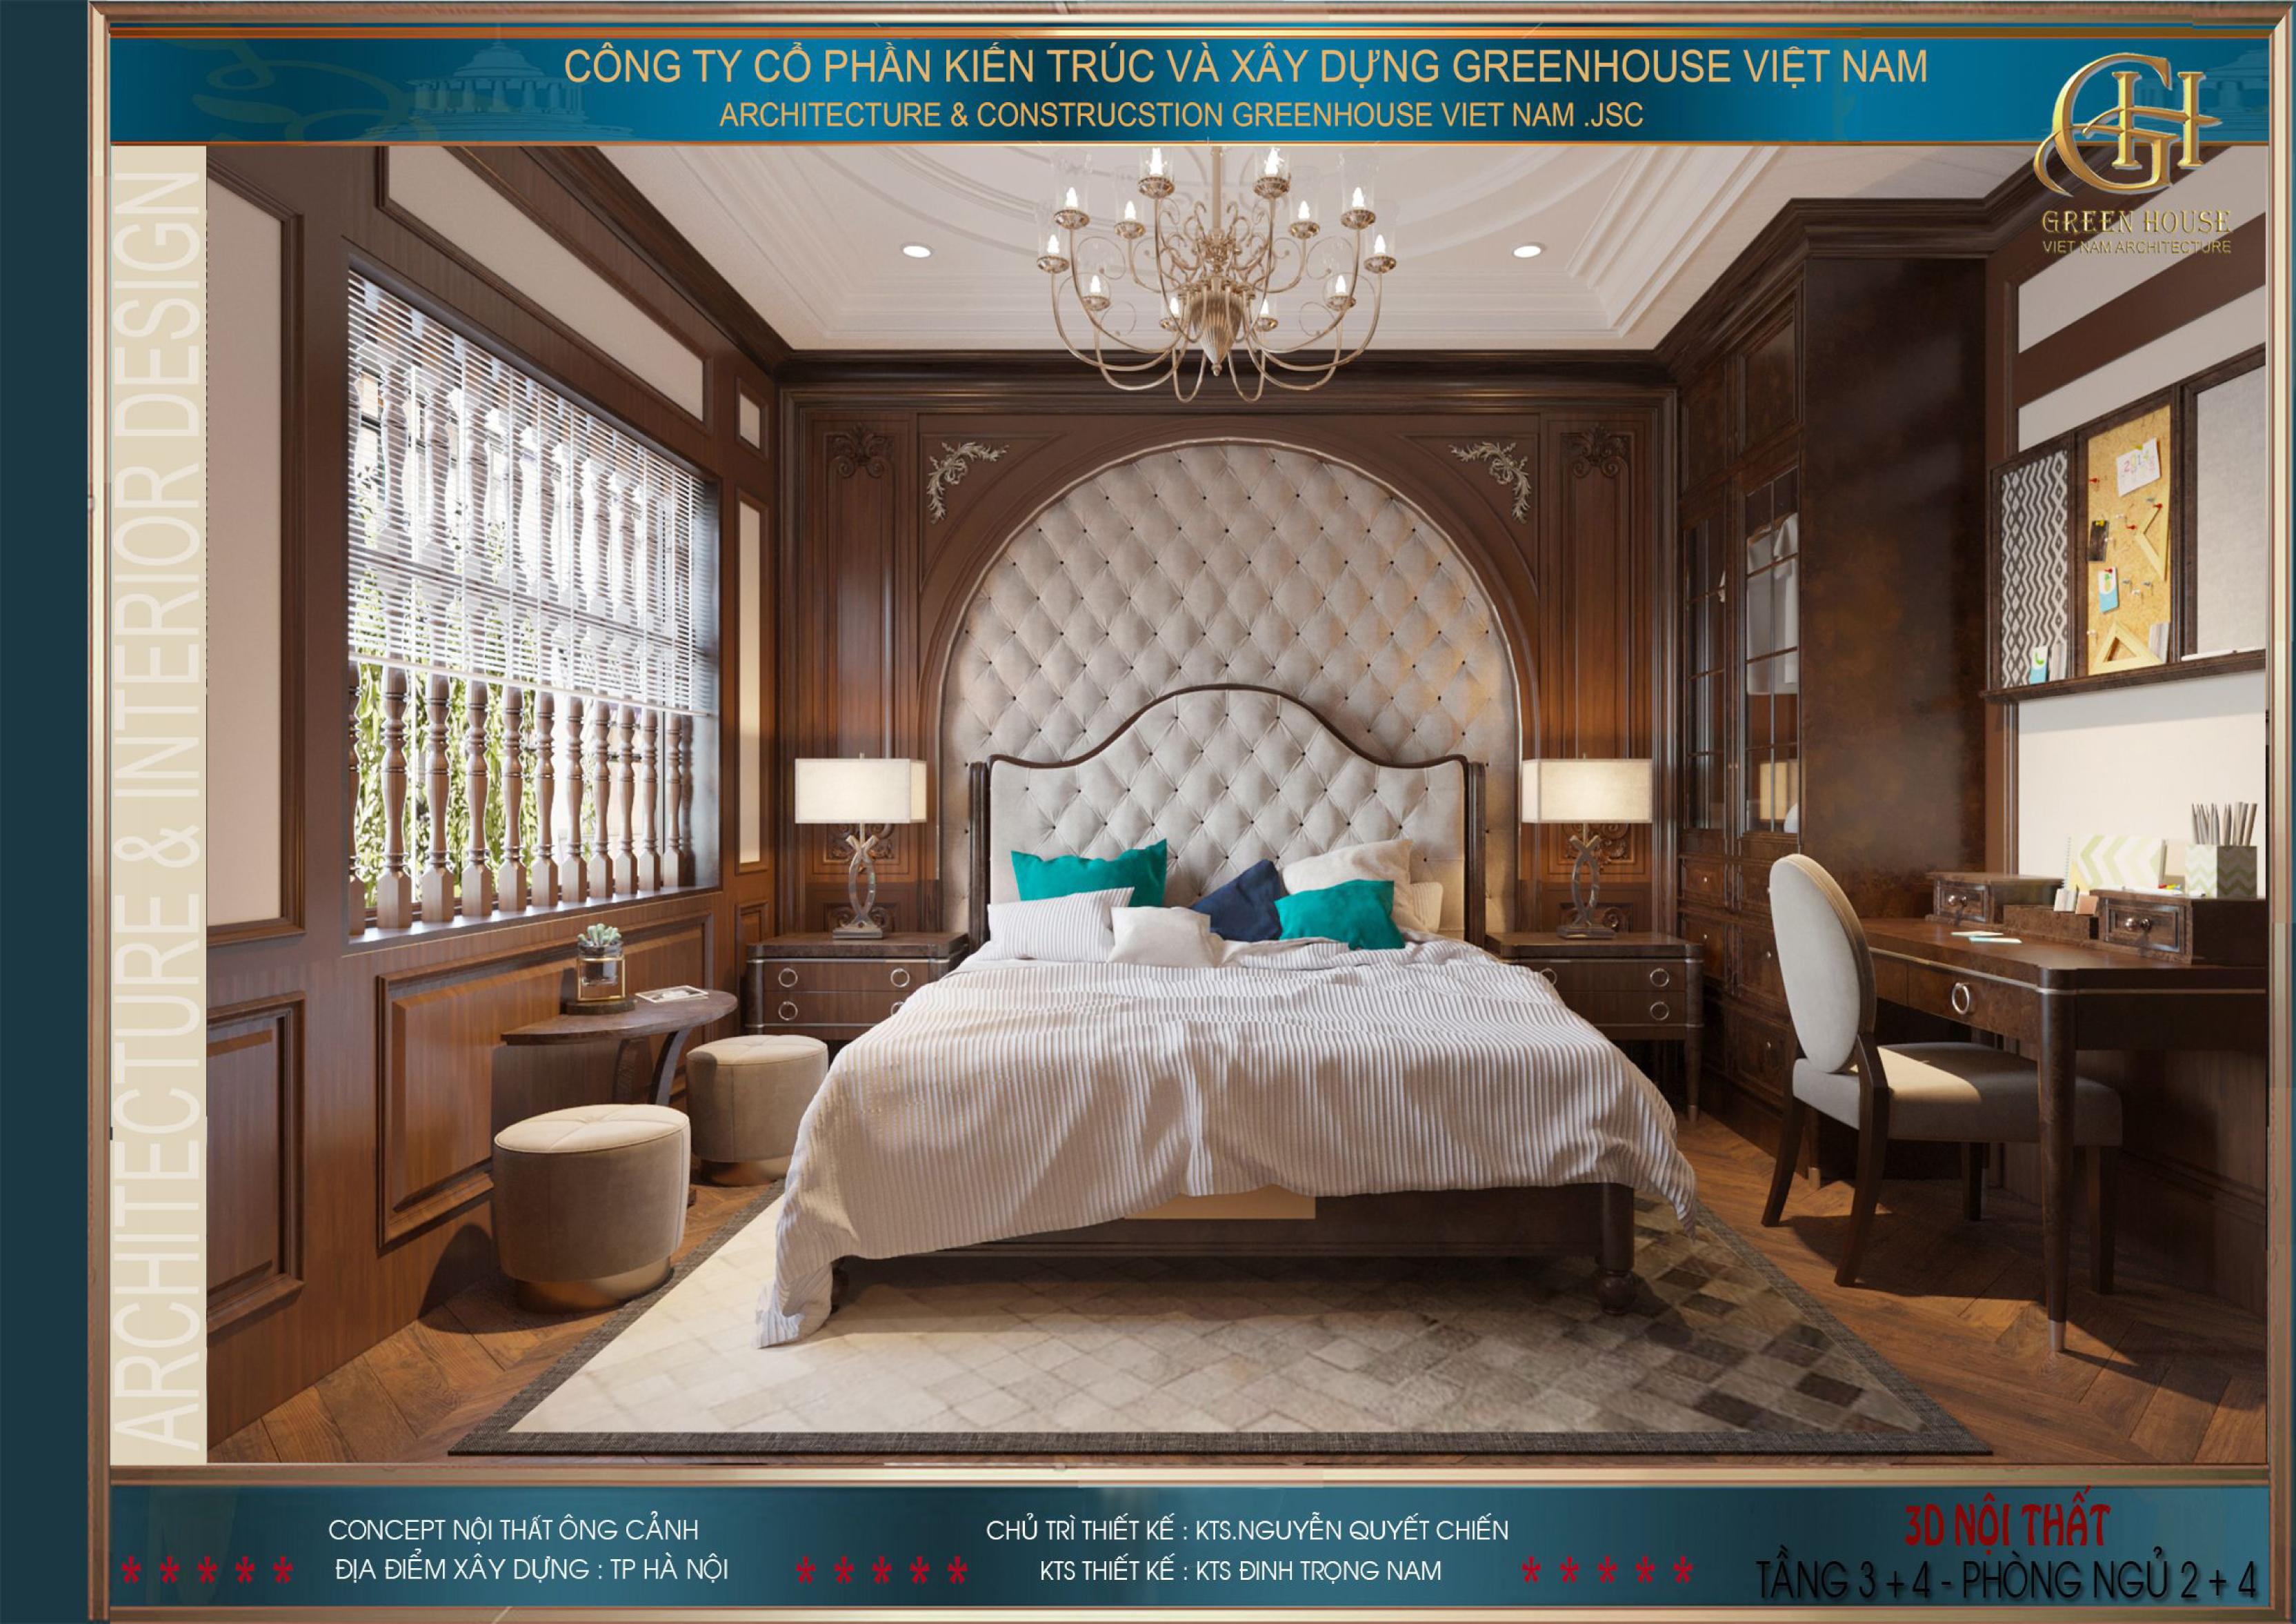 Phòng ngủ tầng 4 được thiết kế với giường ngủ đặt chính giữa